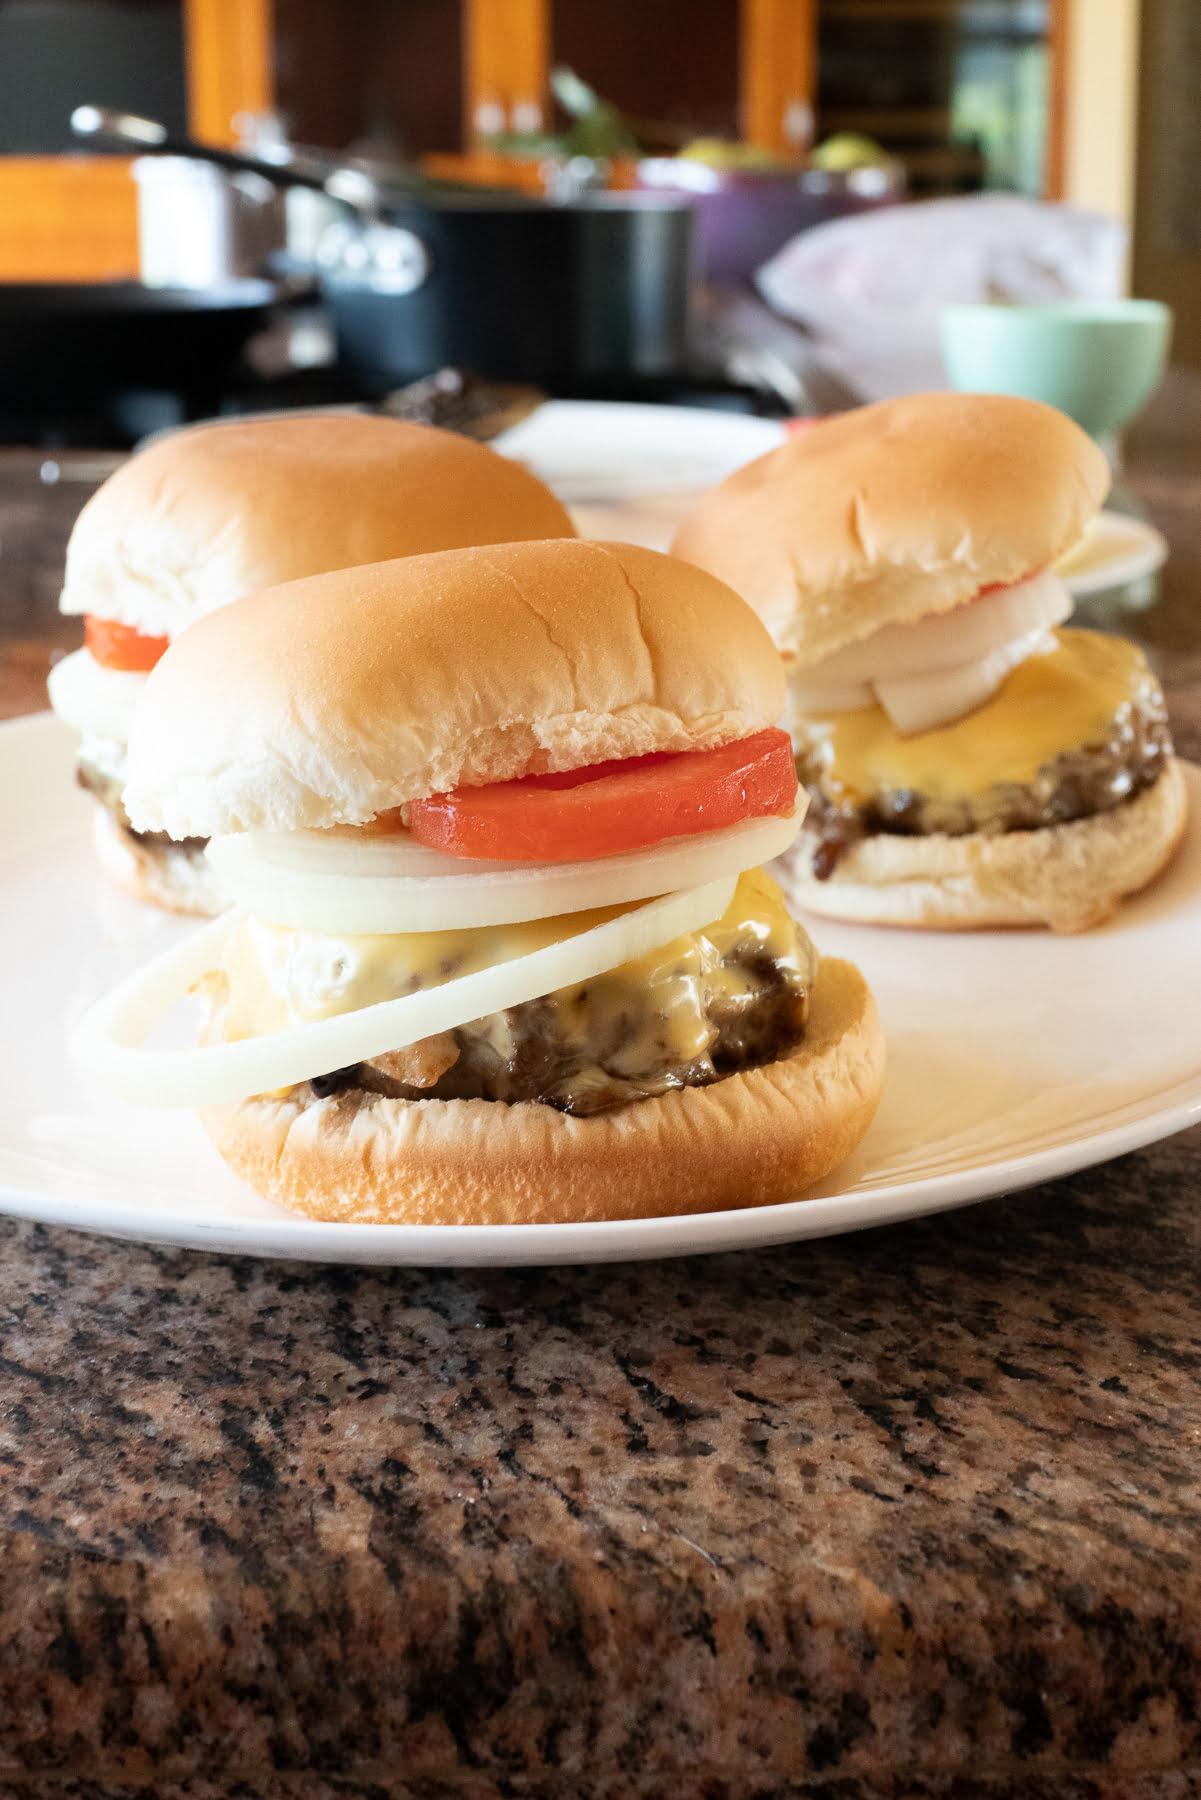 Teriyaki burgers on a plate.